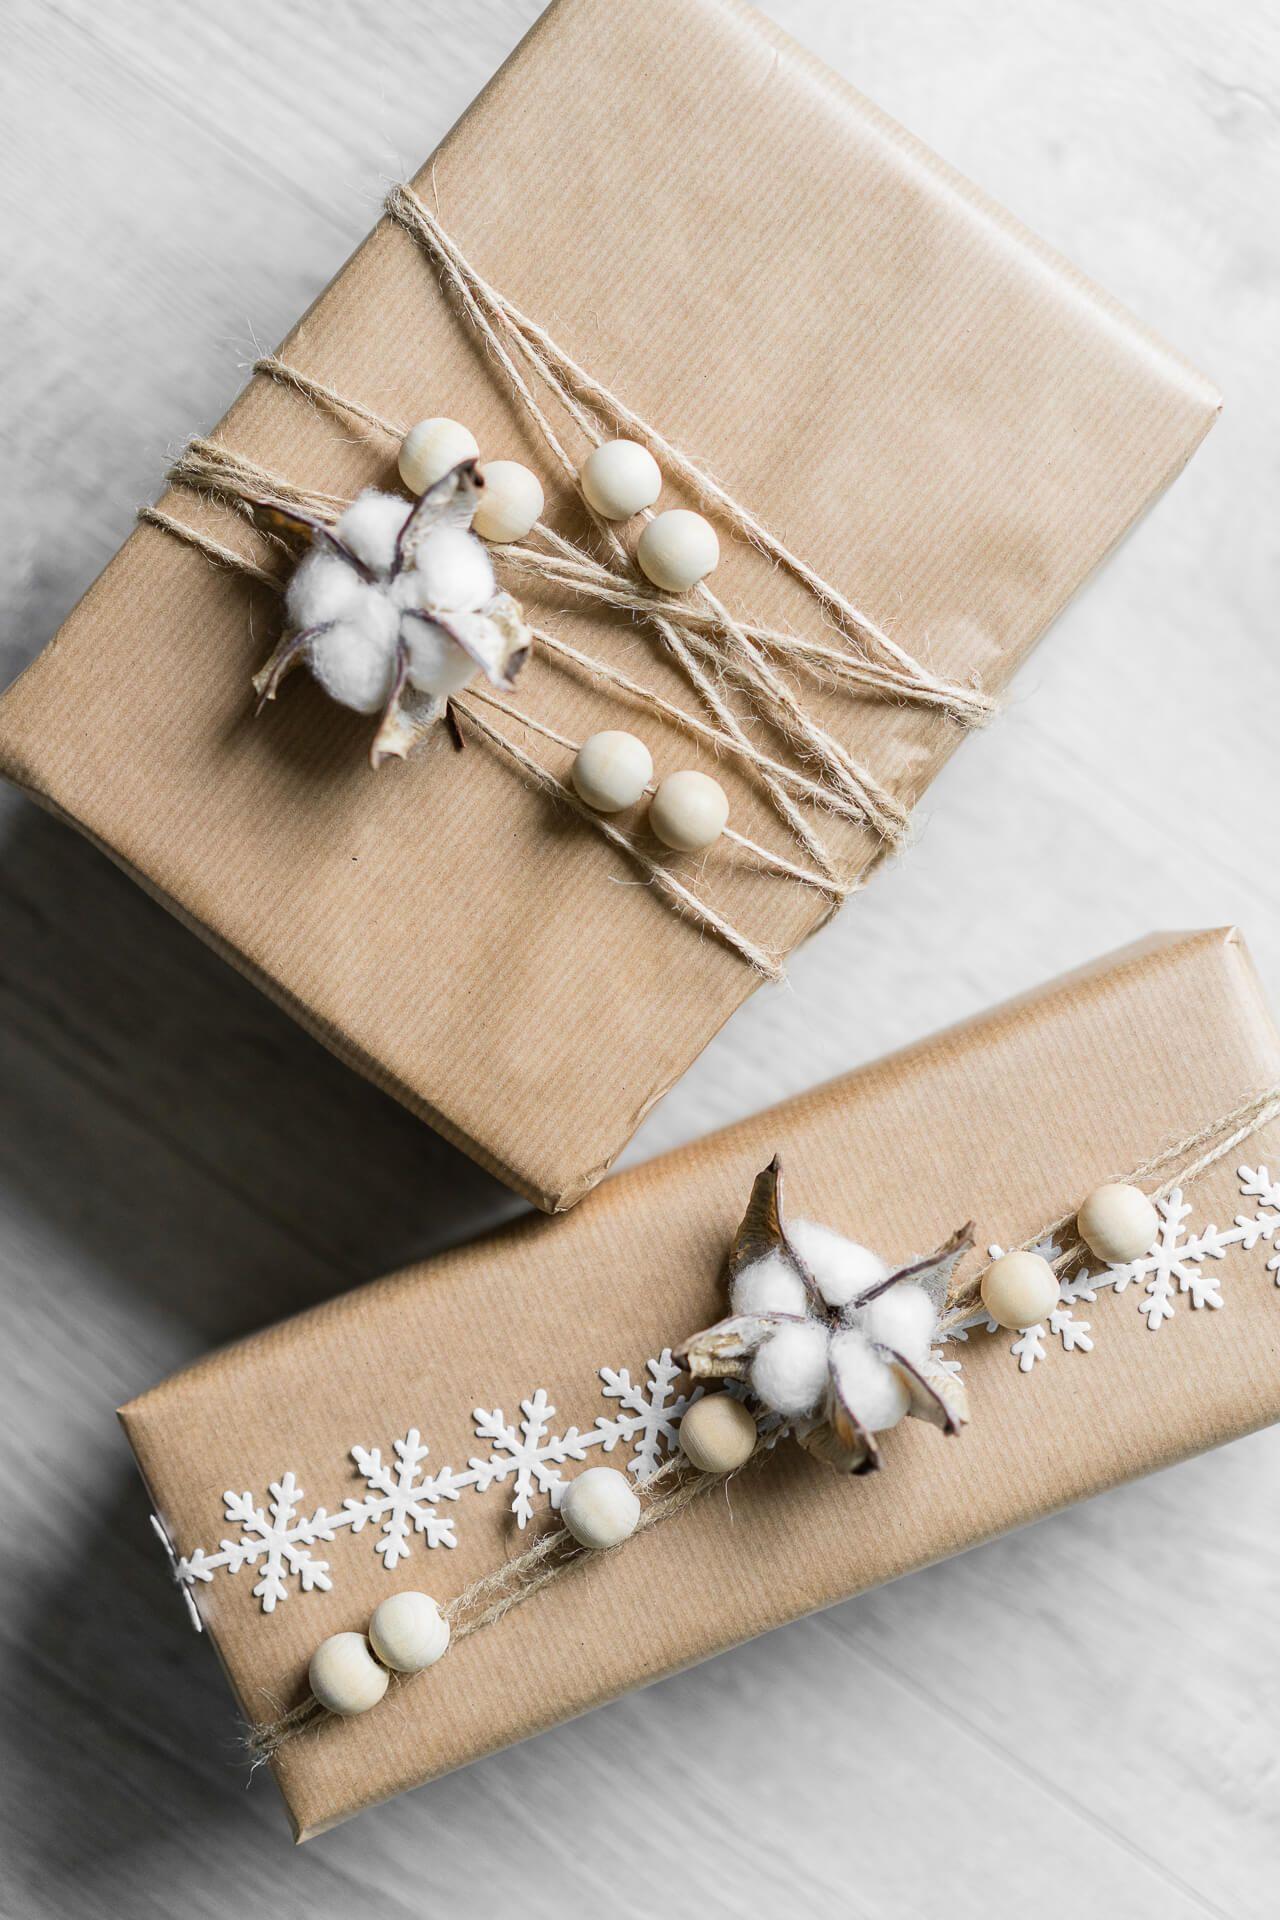 weihnachtsgeschenke verpacken 5 einfache diy ideen weihnachtsgeschenke verpacken. Black Bedroom Furniture Sets. Home Design Ideas